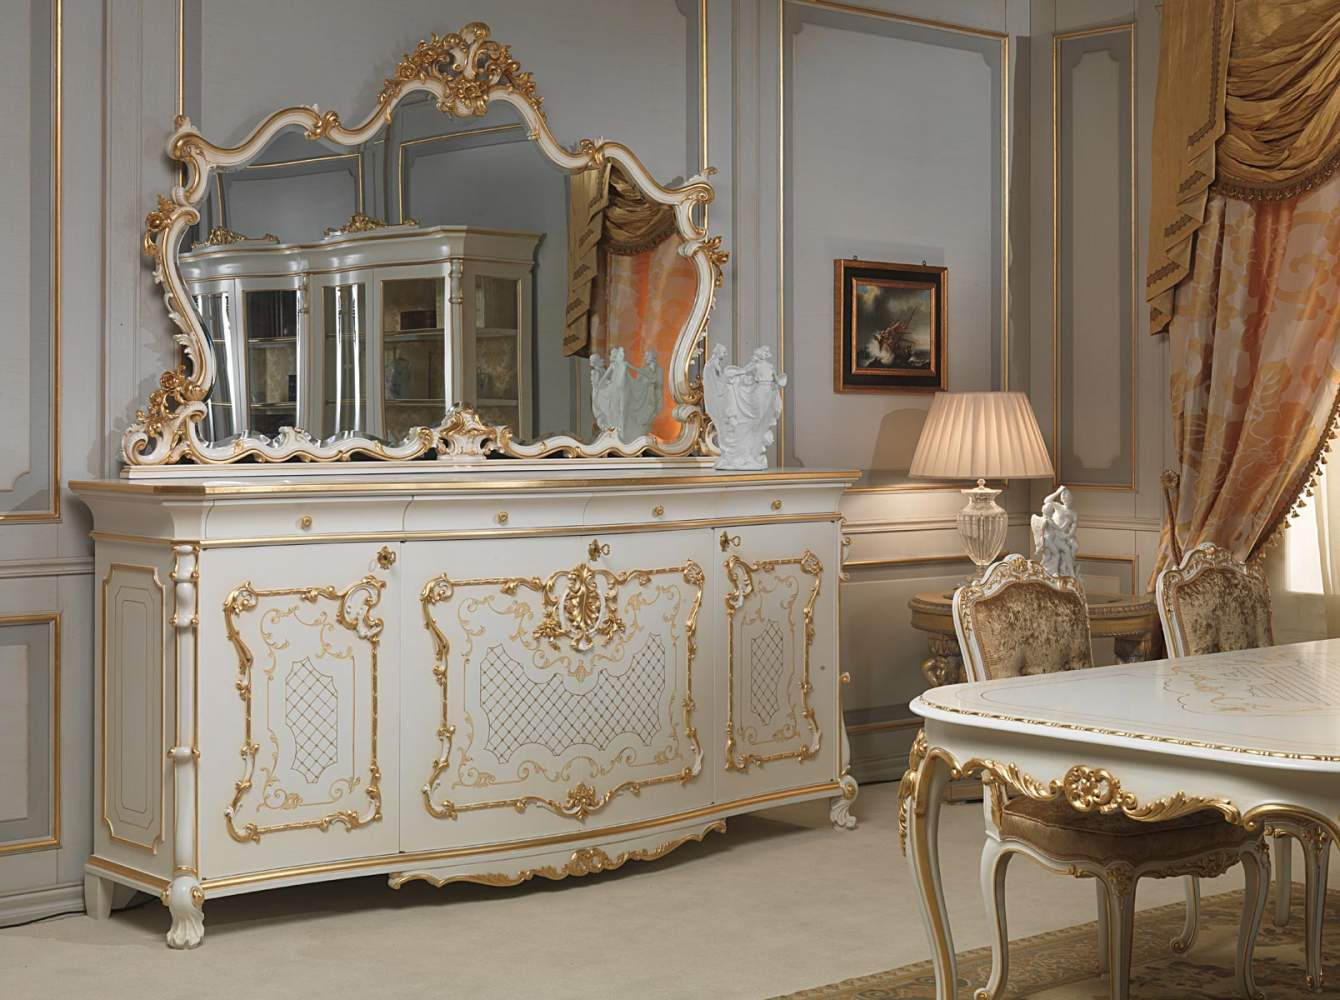 Sala Da Pranzo In Stile Luigi XV: Credenza Con Grande Specchio  #955E36 1340 1000 Sala Da Pranzo Luce Calda O Fredda